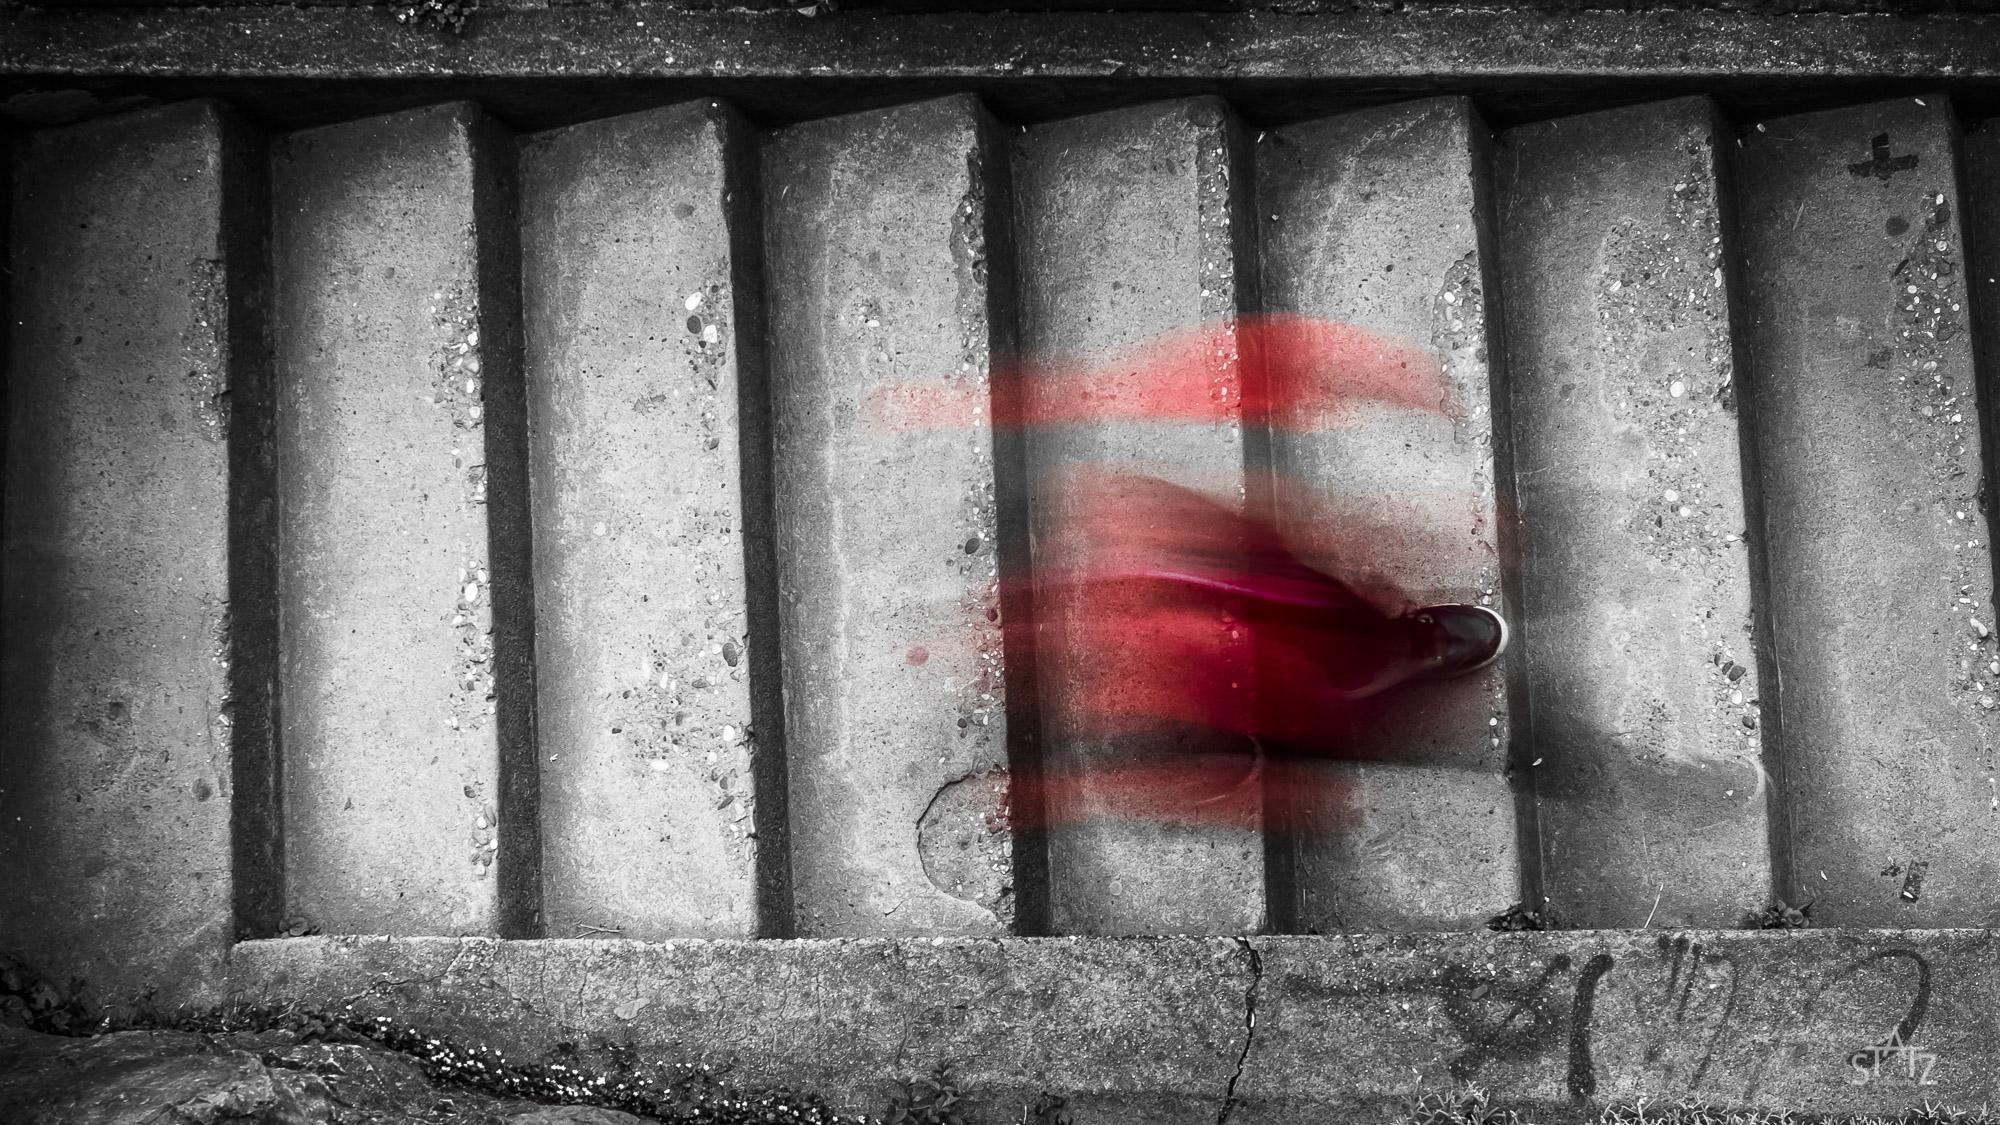 Uwe Statz - Fotografie - Bewegung, die bewegt